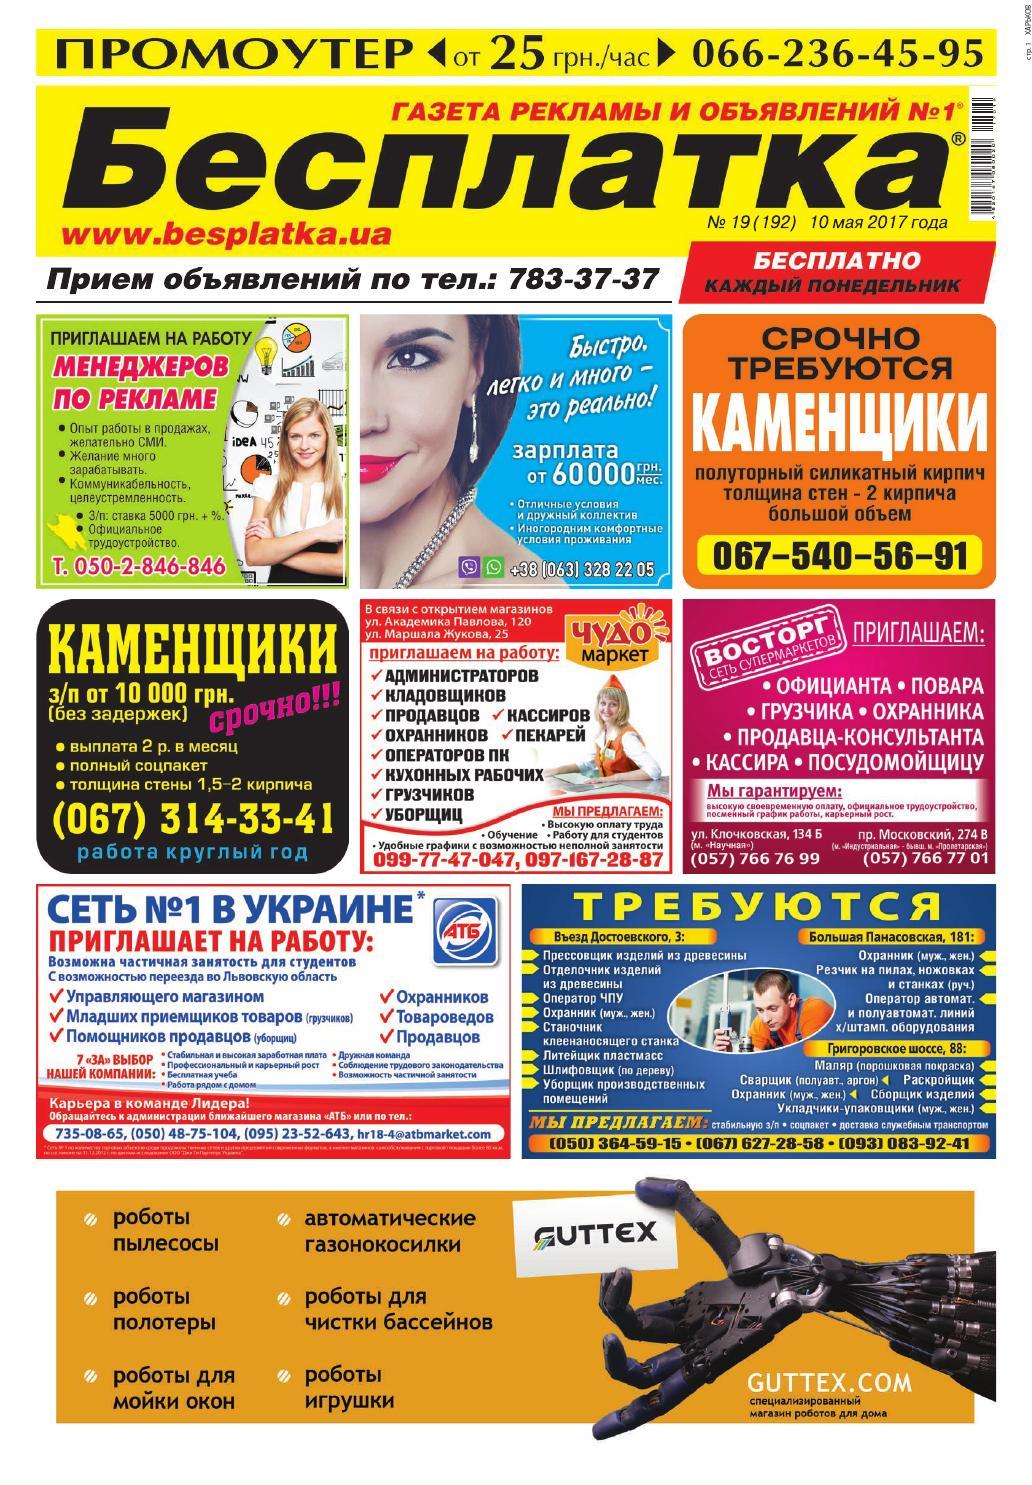 b192cb46abe2 Besplatka #19 Харьков by besplatka ukraine - issuu